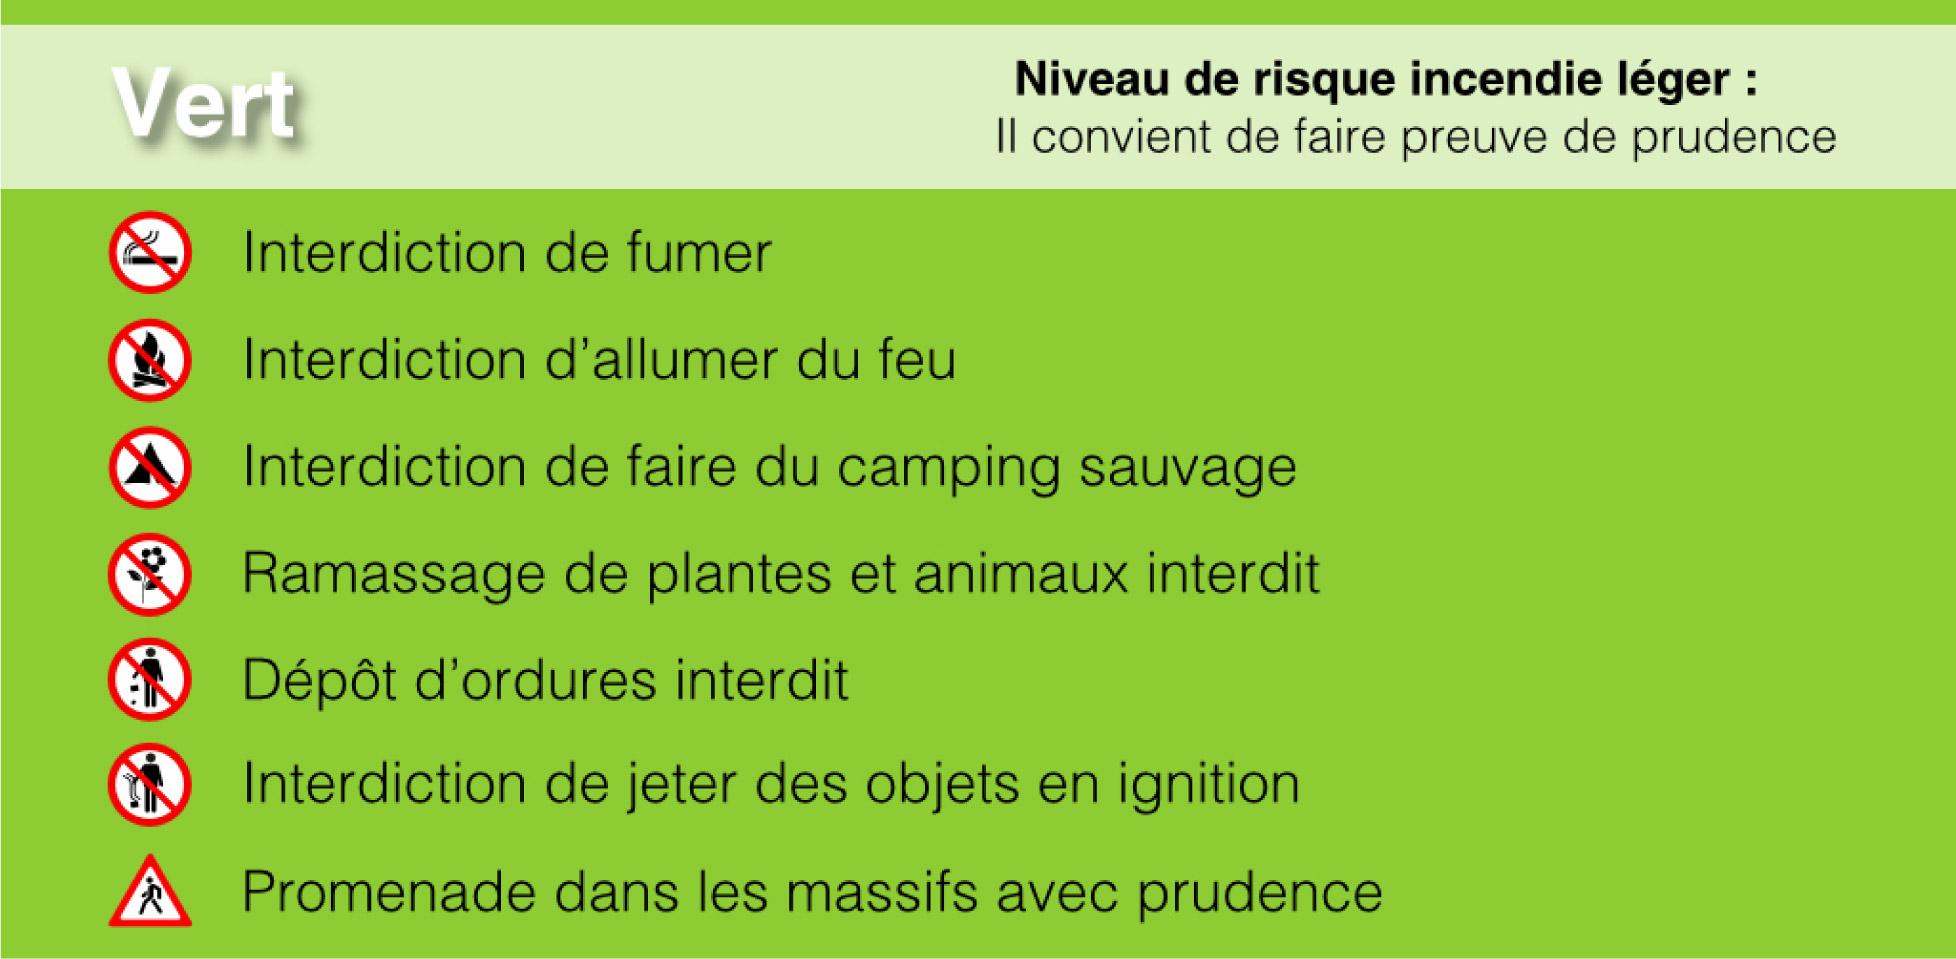 Prévention des Feux de Forêts: Rappel de la Réglementation de l'Accès aux Massifs forestiers dans le Var -